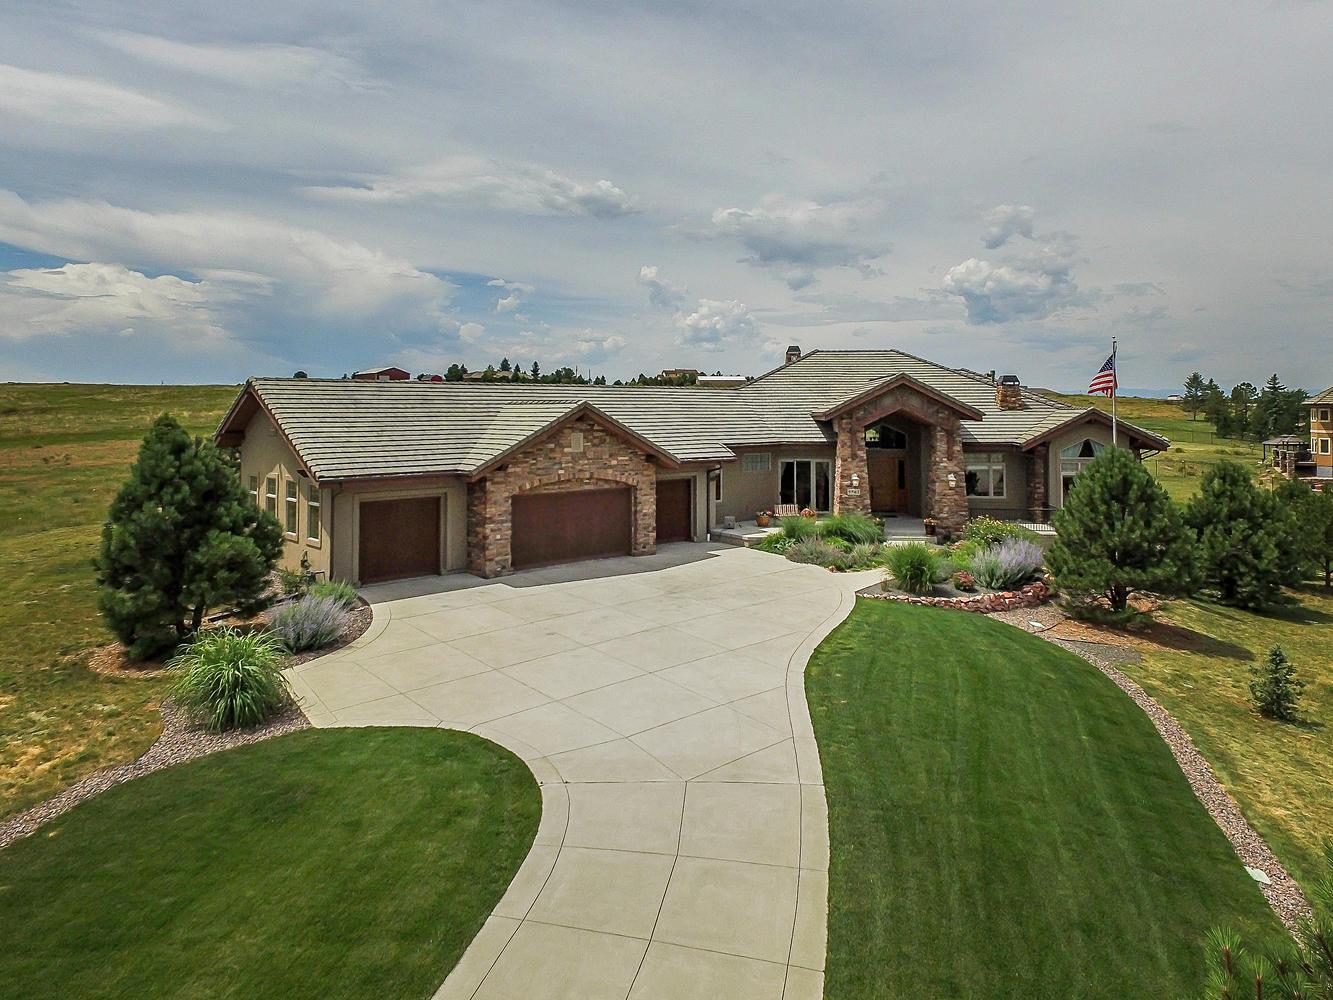 Maison unifamiliale pour l Vente à Beaver Creek style walk-out ranch 9562 Sara Gulch Cir Parker, Colorado, 80138 États-Unis